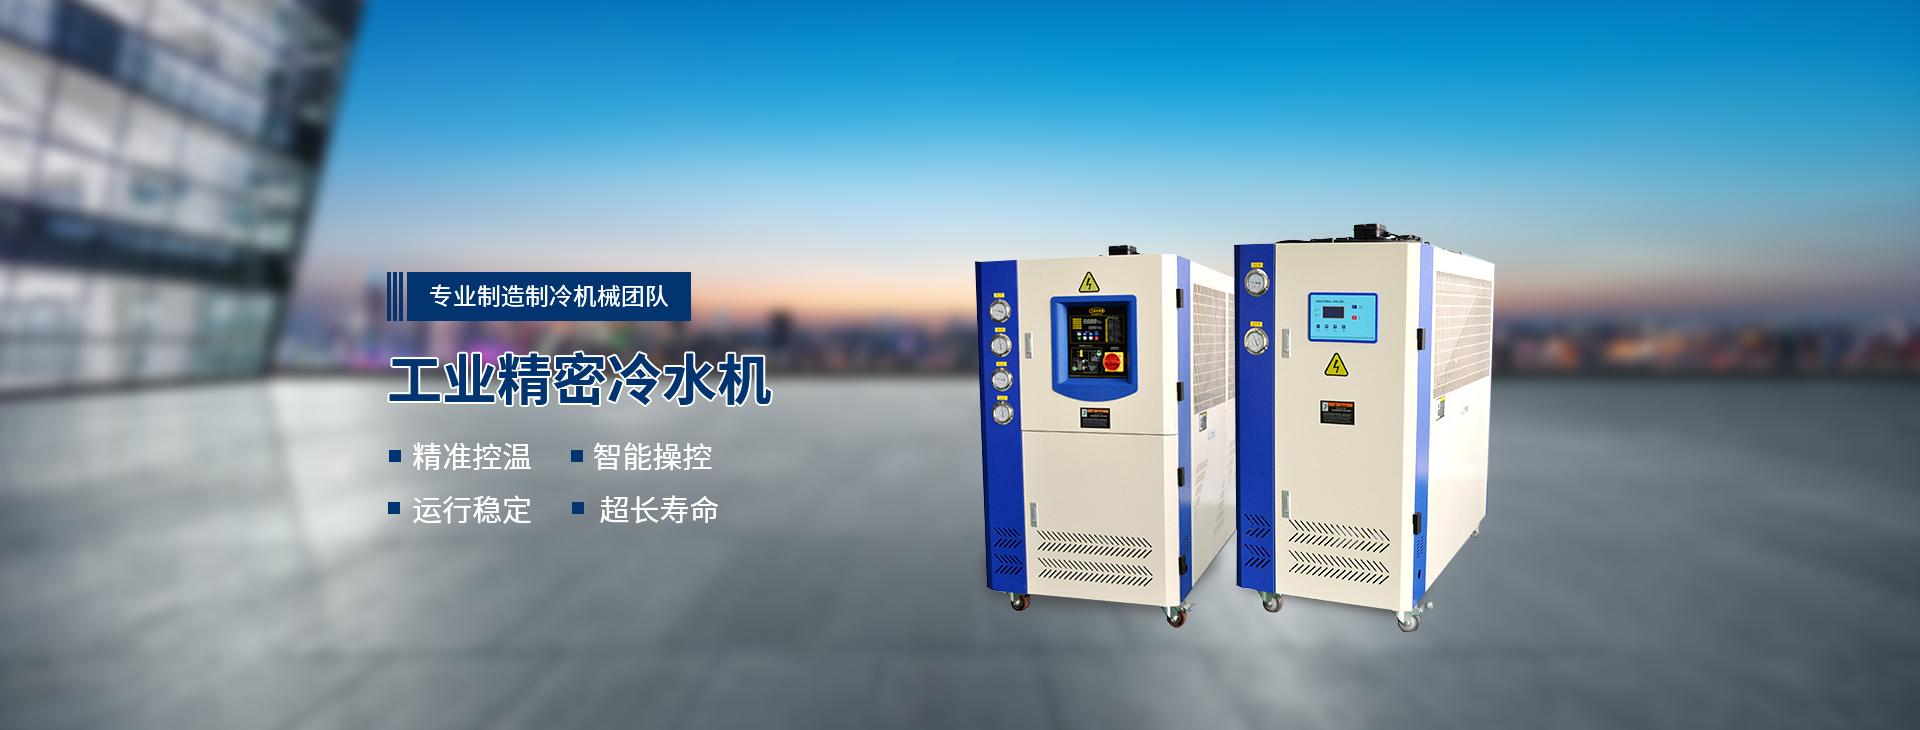 电气柜空调公司